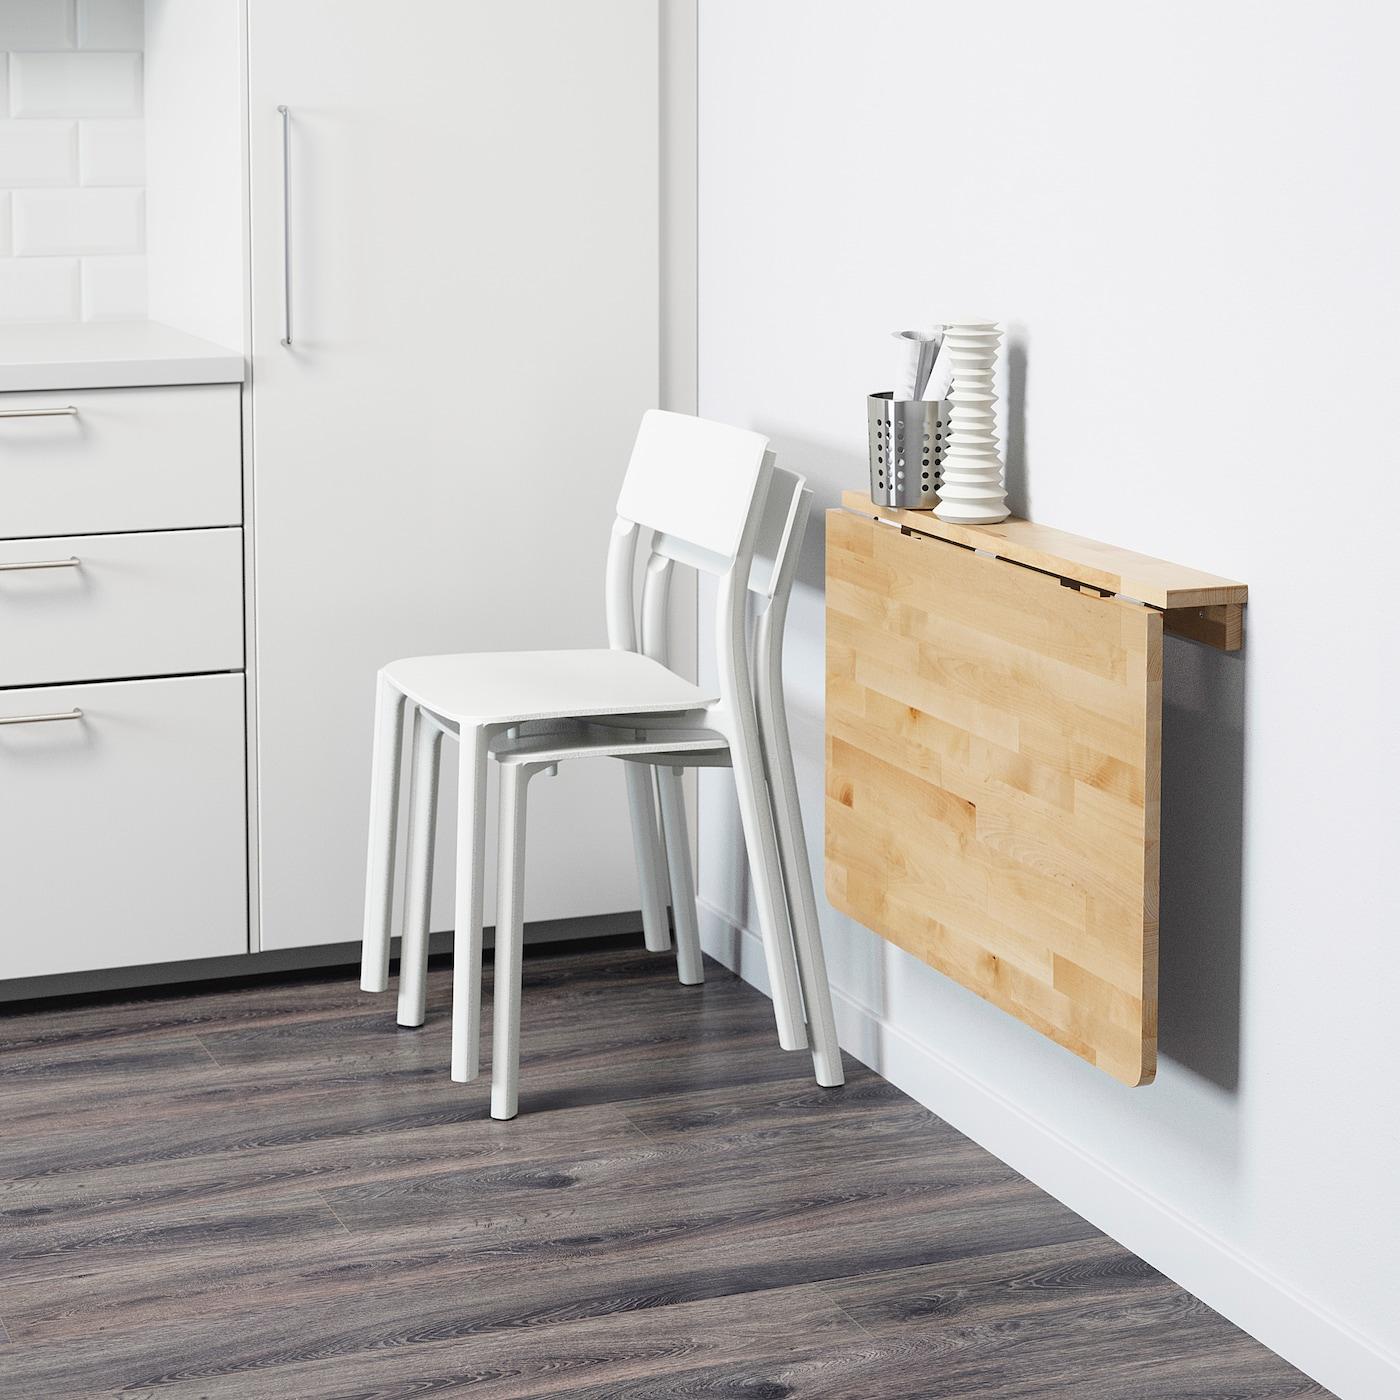 Tavoli Pieghevoli Ikea Muro.Norbo Tavolo Ribaltabile Da Parete Betulla Ikea